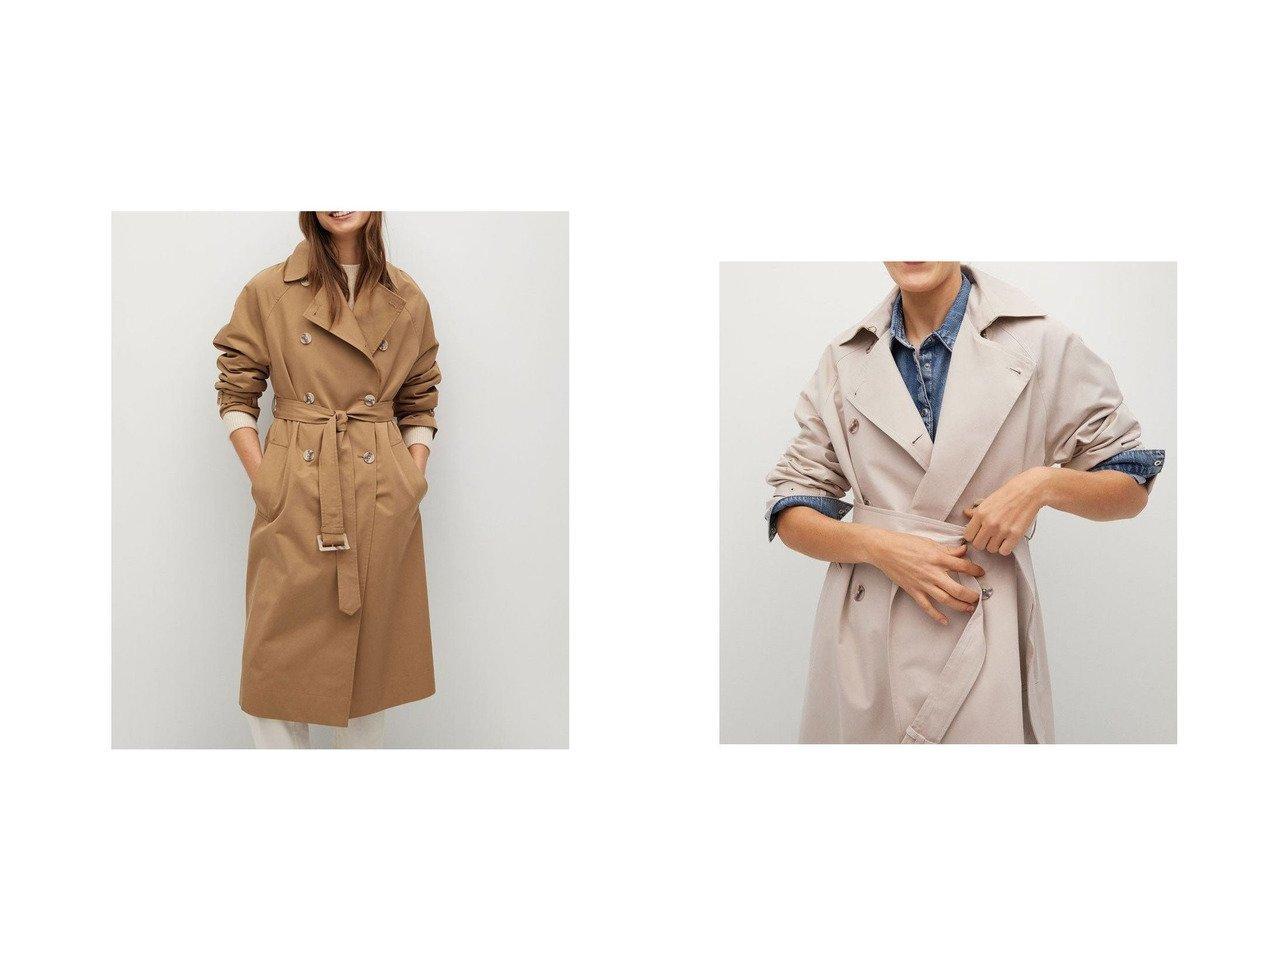 【MANGO/マンゴ】のトレンチコート .-- FORMIGA 【アウター】おすすめ!人気、トレンド・レディースファッションの通販 おすすめで人気の流行・トレンド、ファッションの通販商品 メンズファッション・キッズファッション・インテリア・家具・レディースファッション・服の通販 founy(ファニー) https://founy.com/ ファッション Fashion レディースファッション WOMEN アウター Coat Outerwear コート Coats トレンチコート Trench Coats 2021年 2021 2021春夏・S/S SS/Spring/Summer/2021 S/S・春夏 SS・Spring/Summer カフス フロント ラップ ループ 春 Spring 長袖  ID:crp329100000035530